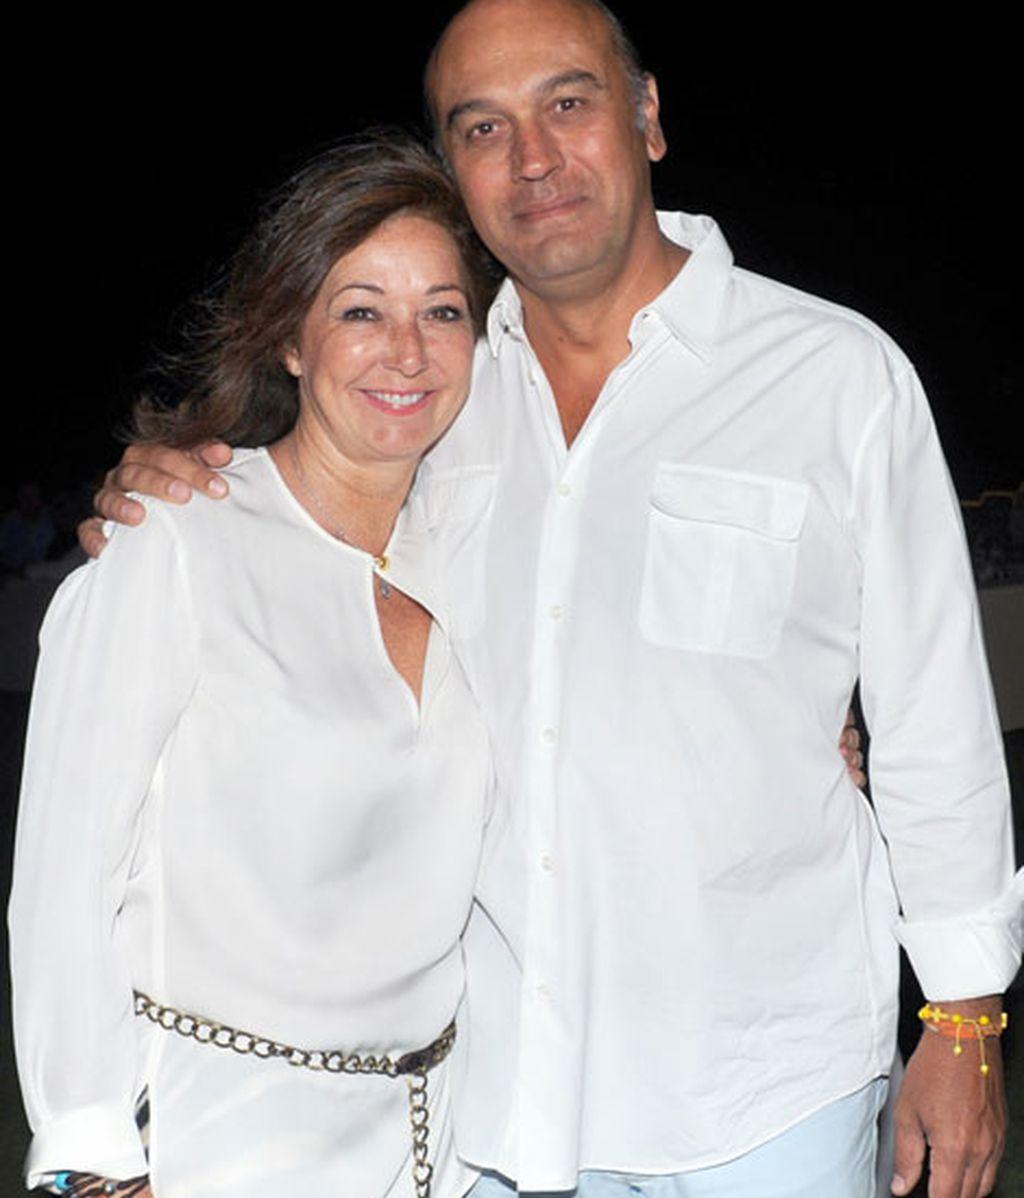 Ana Rosa Quintana y Juan Muñoz se casaron en 2004